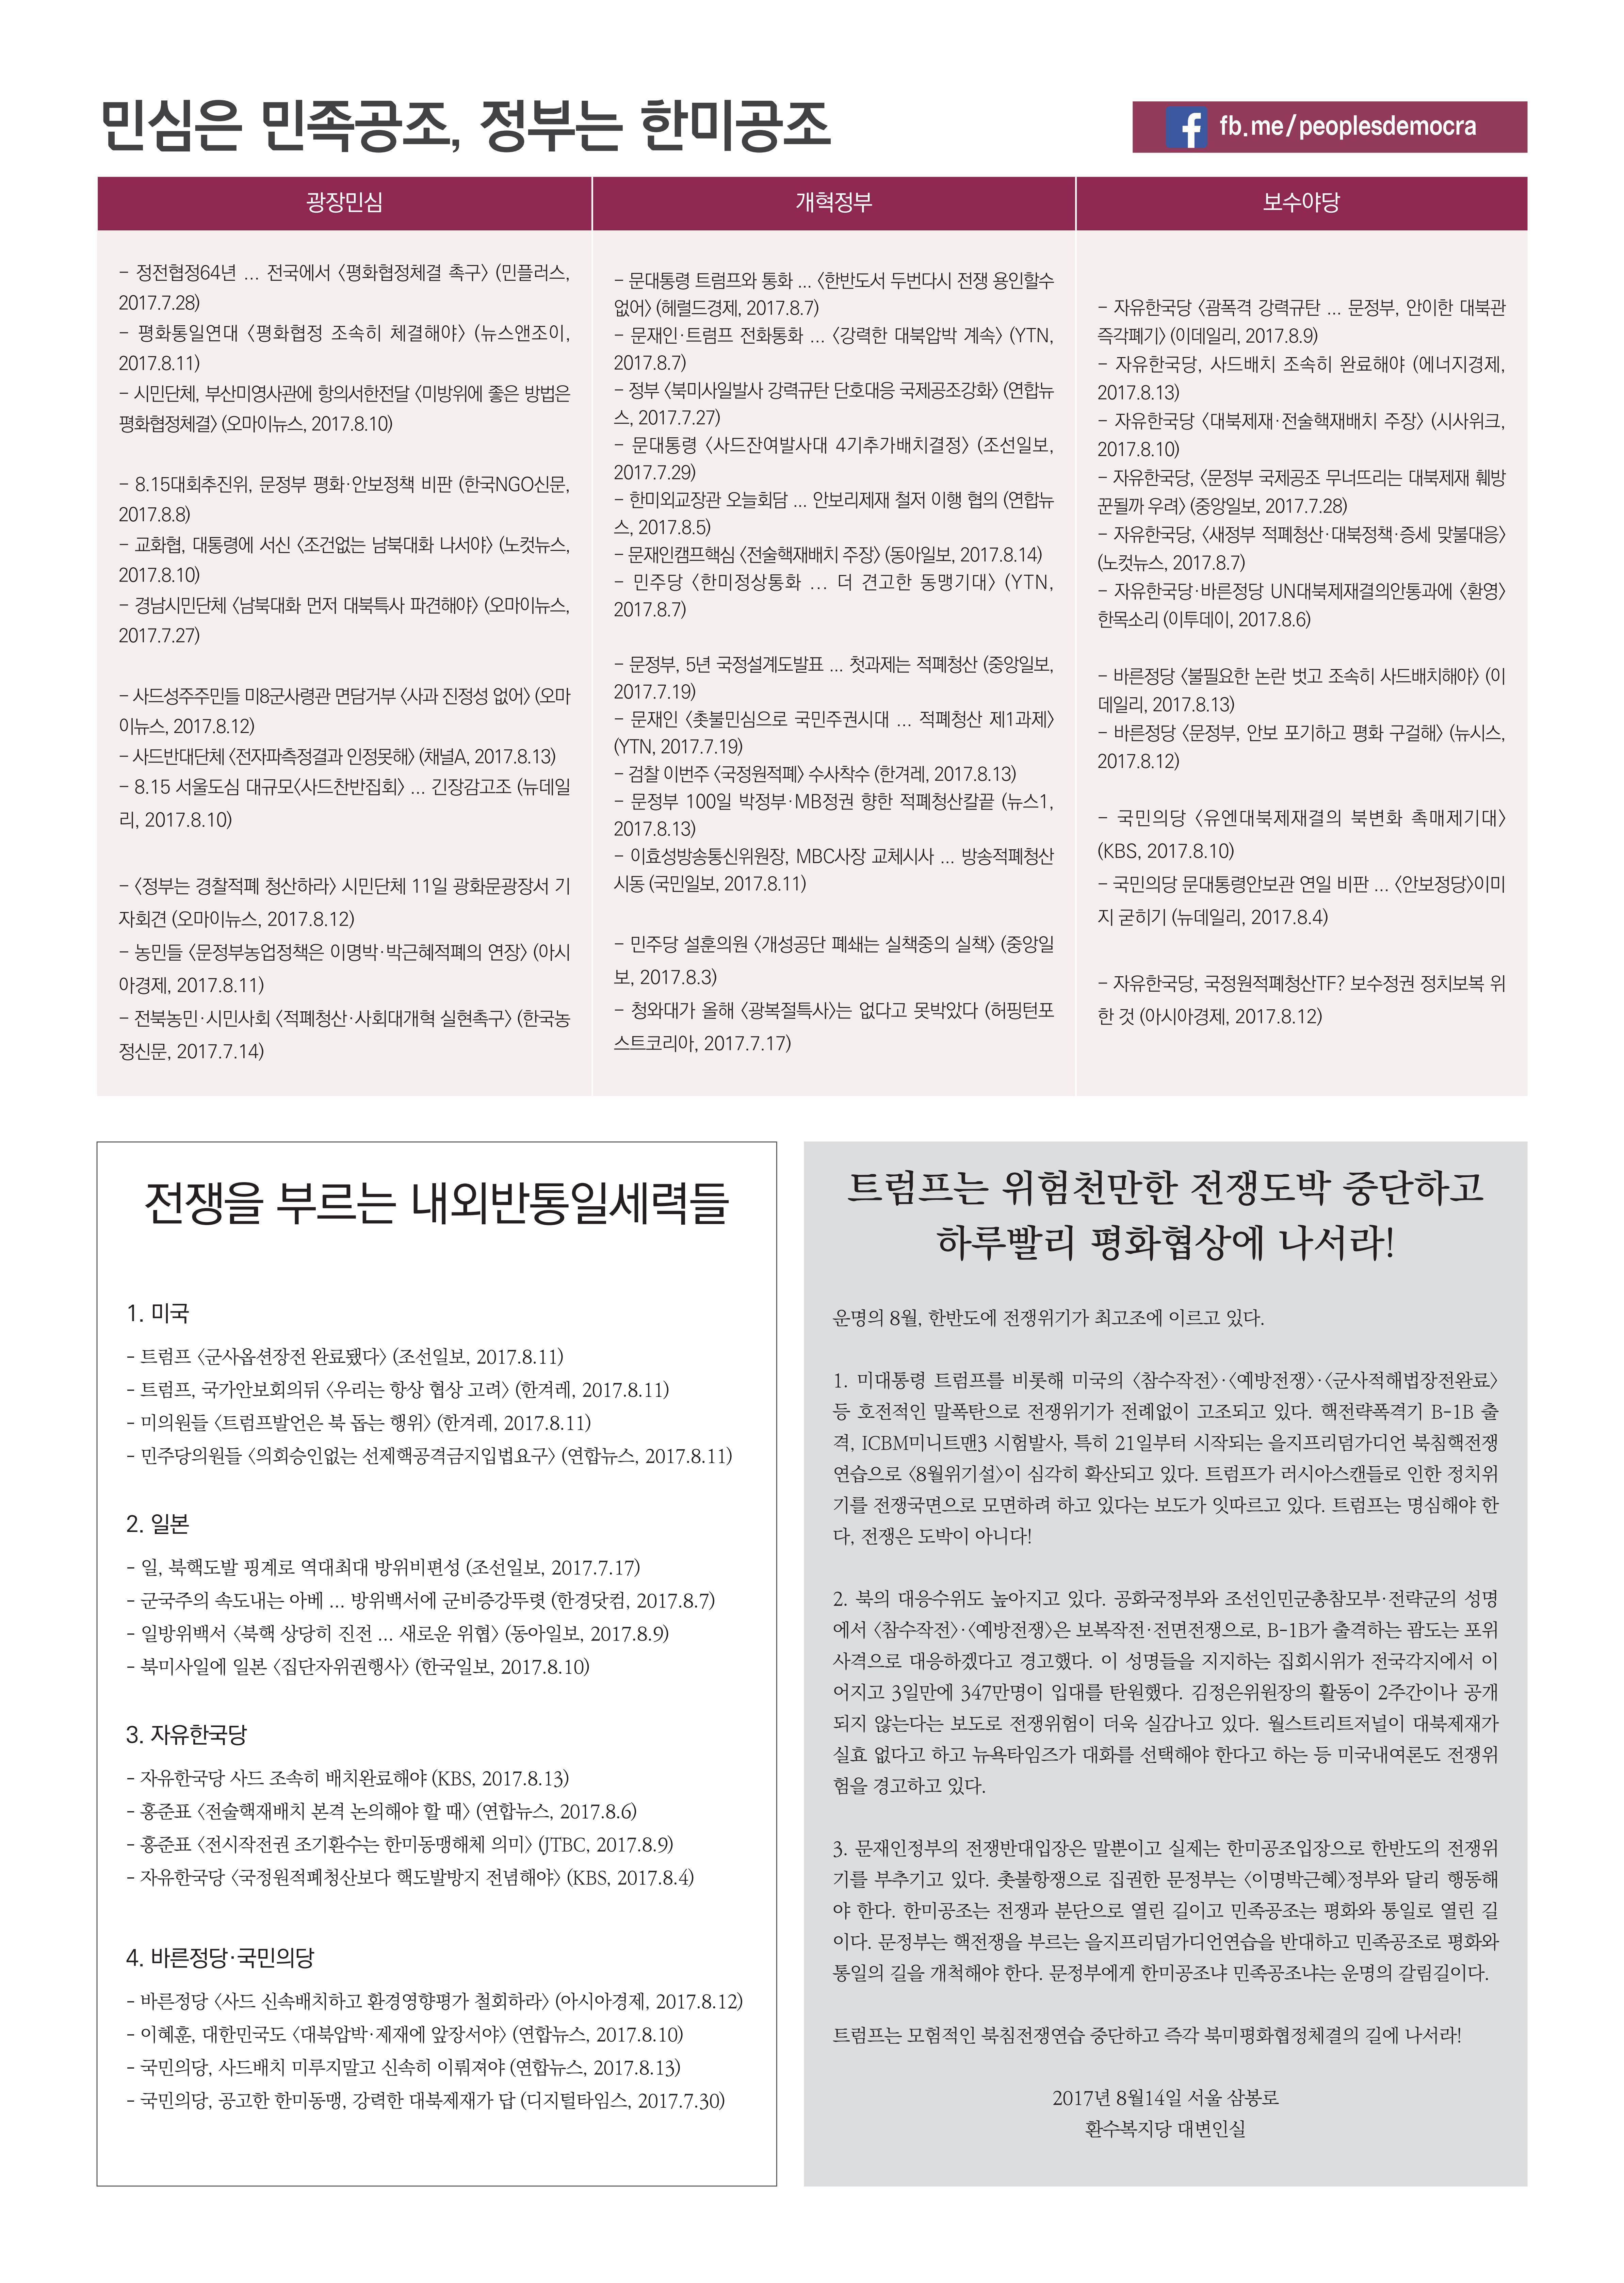 0815신문32호_03